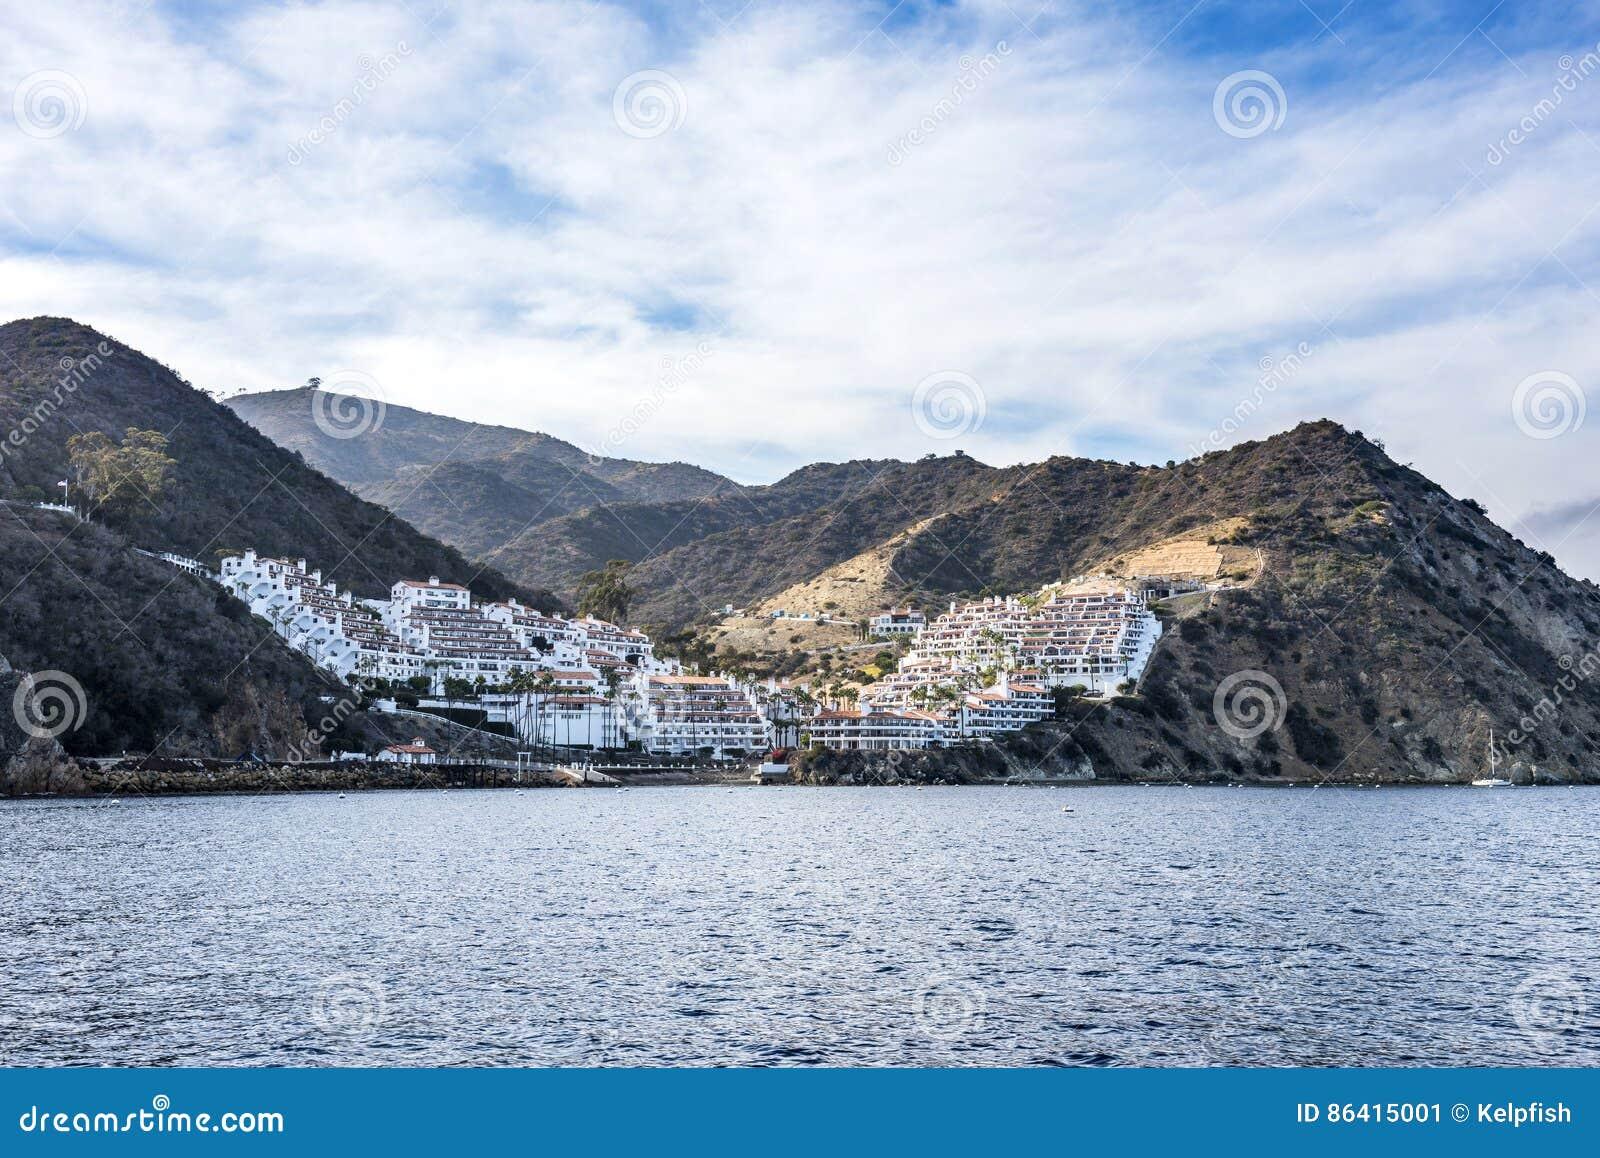 Hamilton Cove Condos in Catalina Island